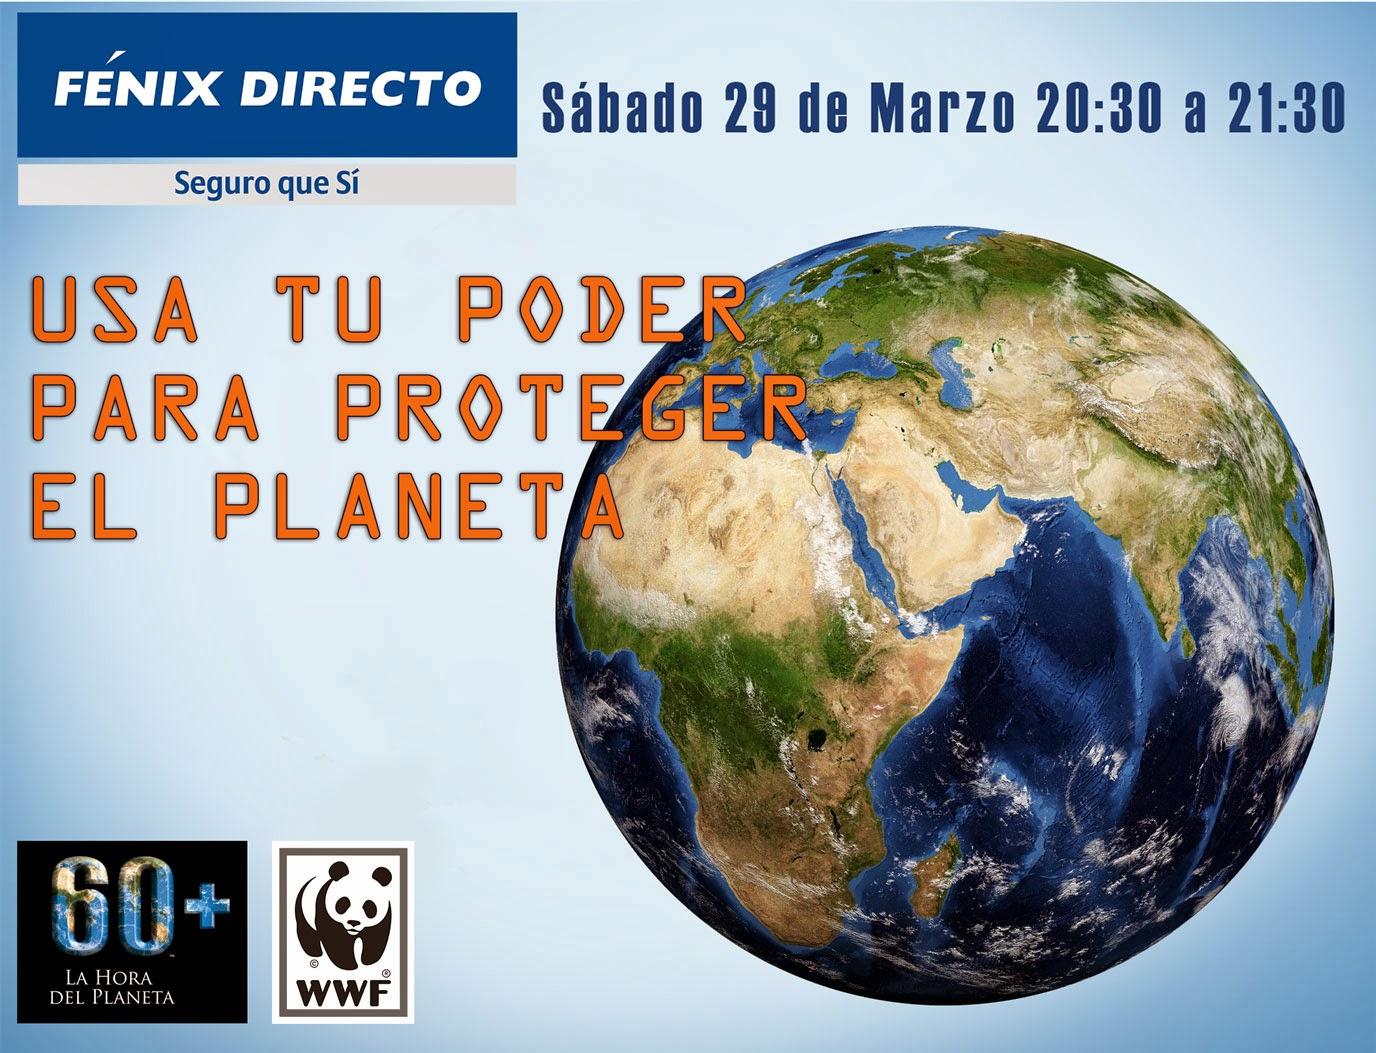 F nix directo empresa participante en la hora del planeta for Fenix directo oficinas